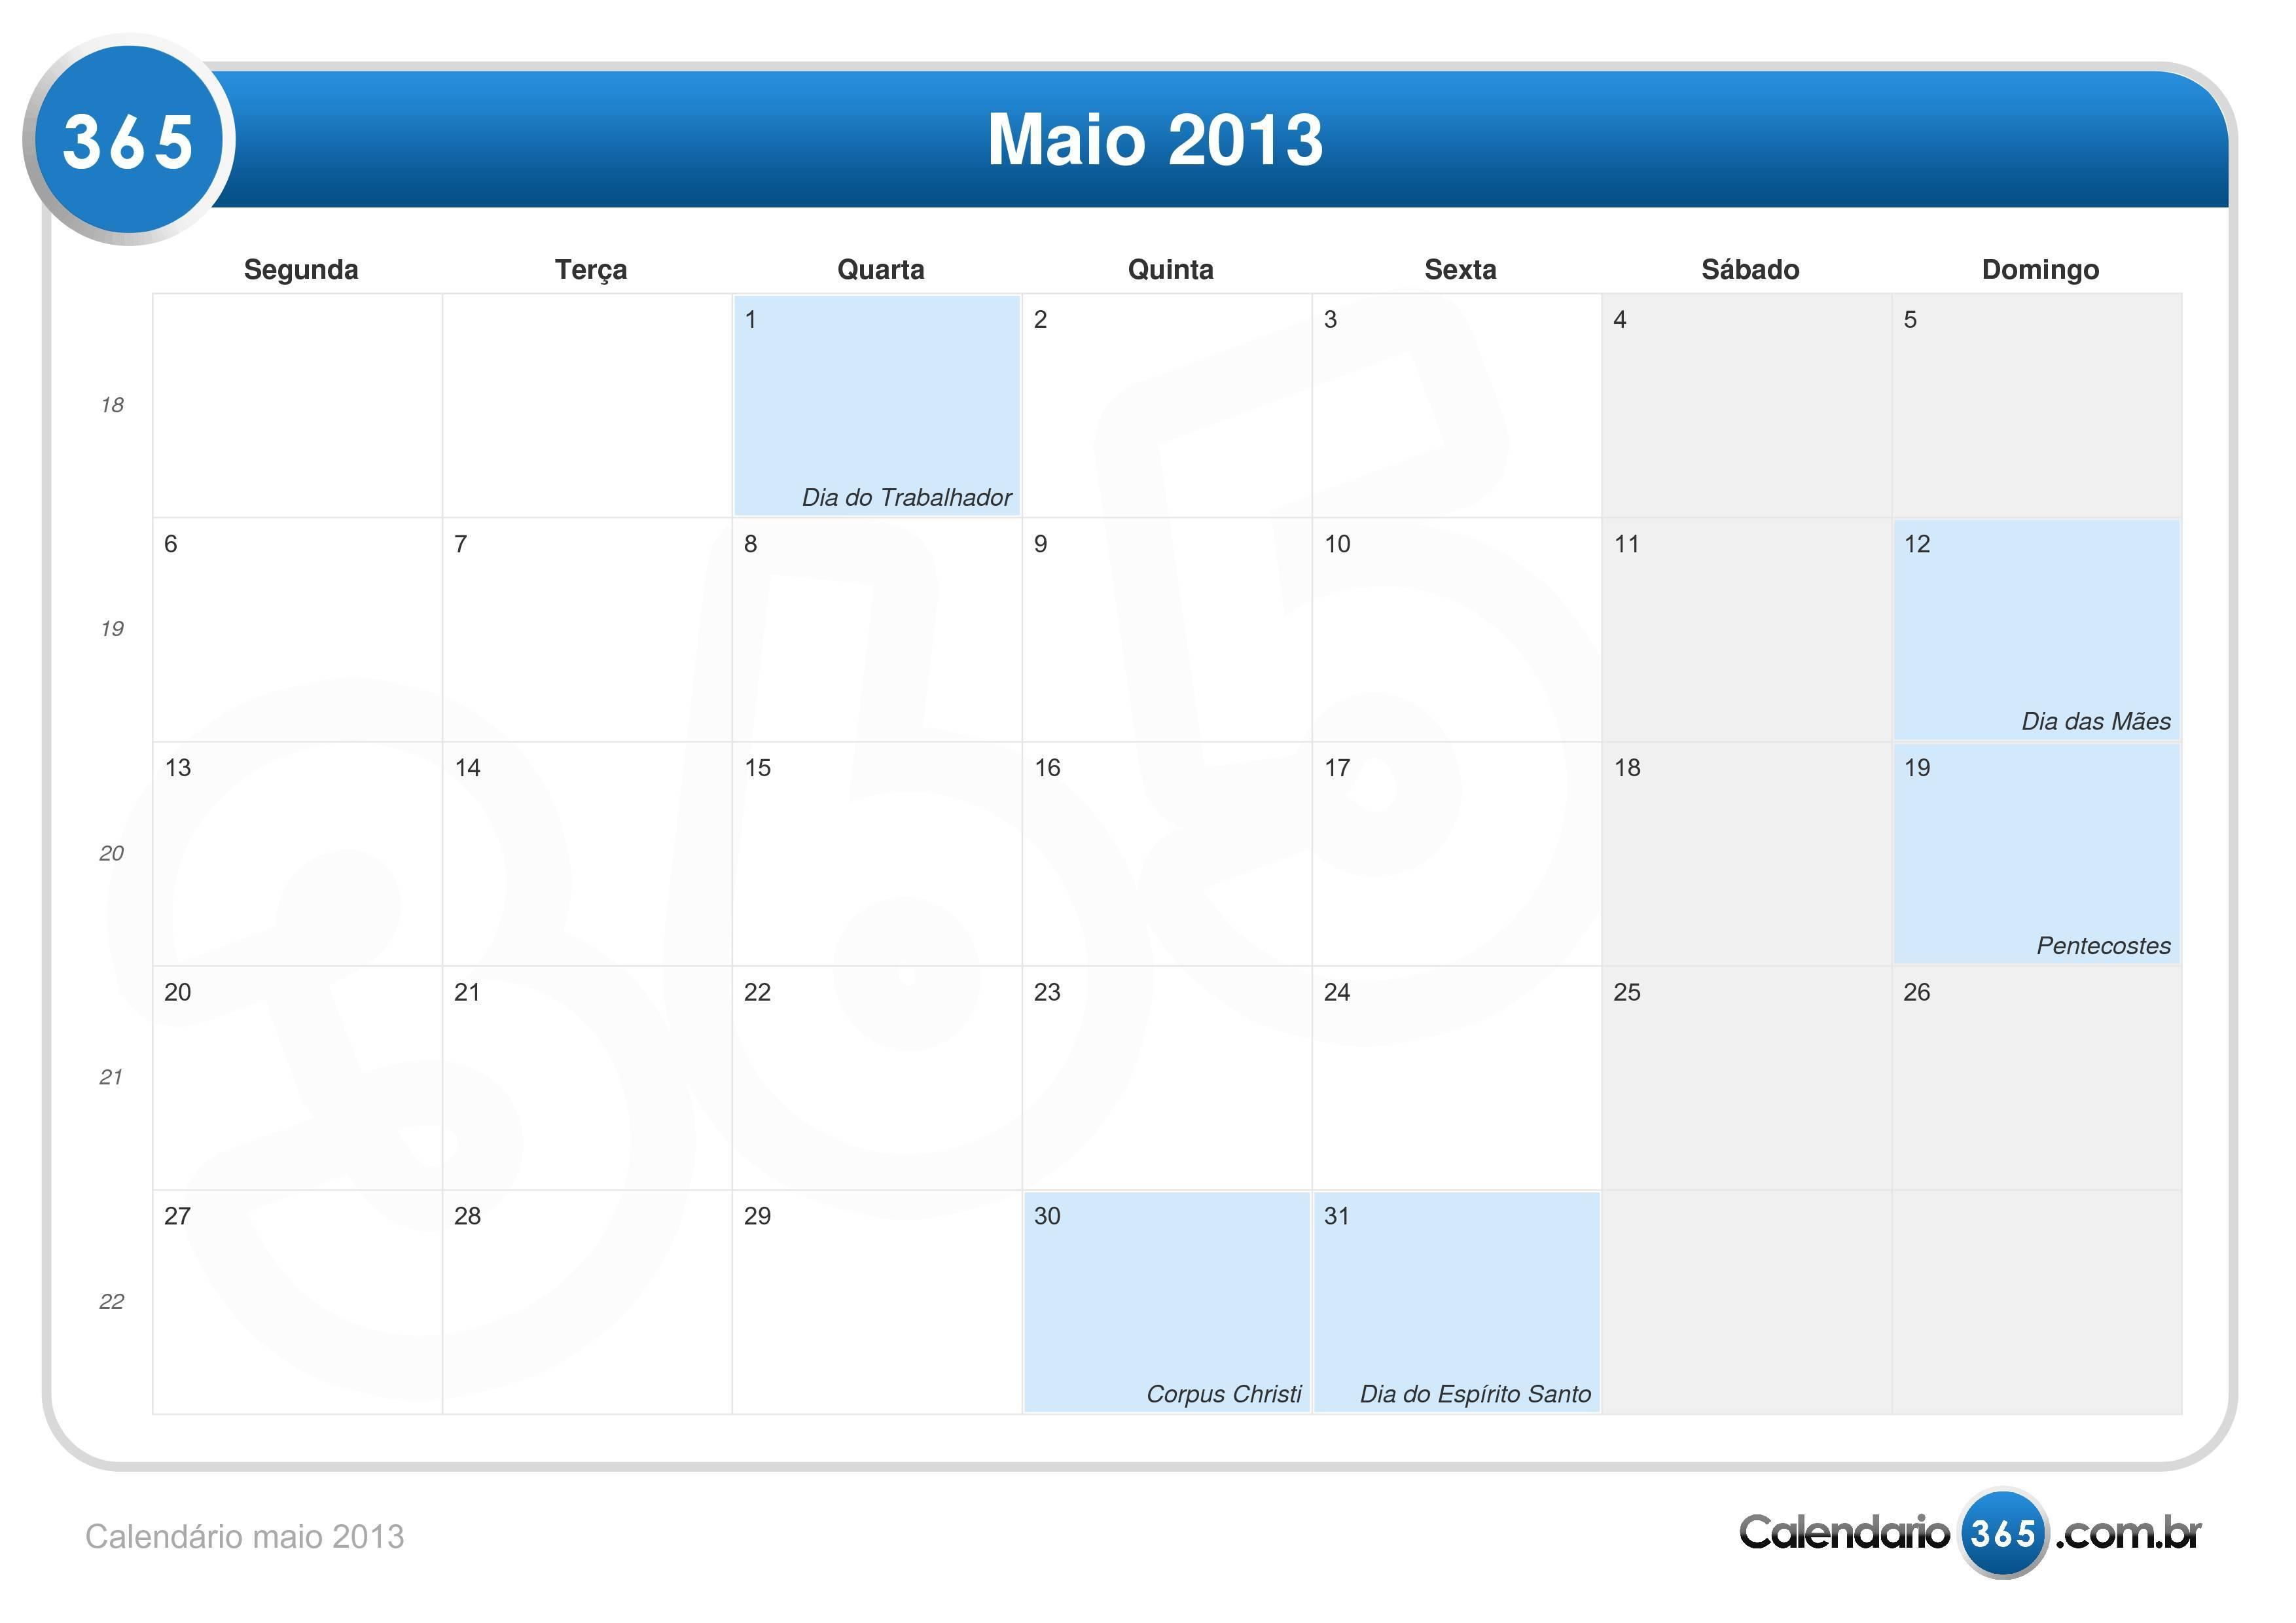 Calendário maio 2013